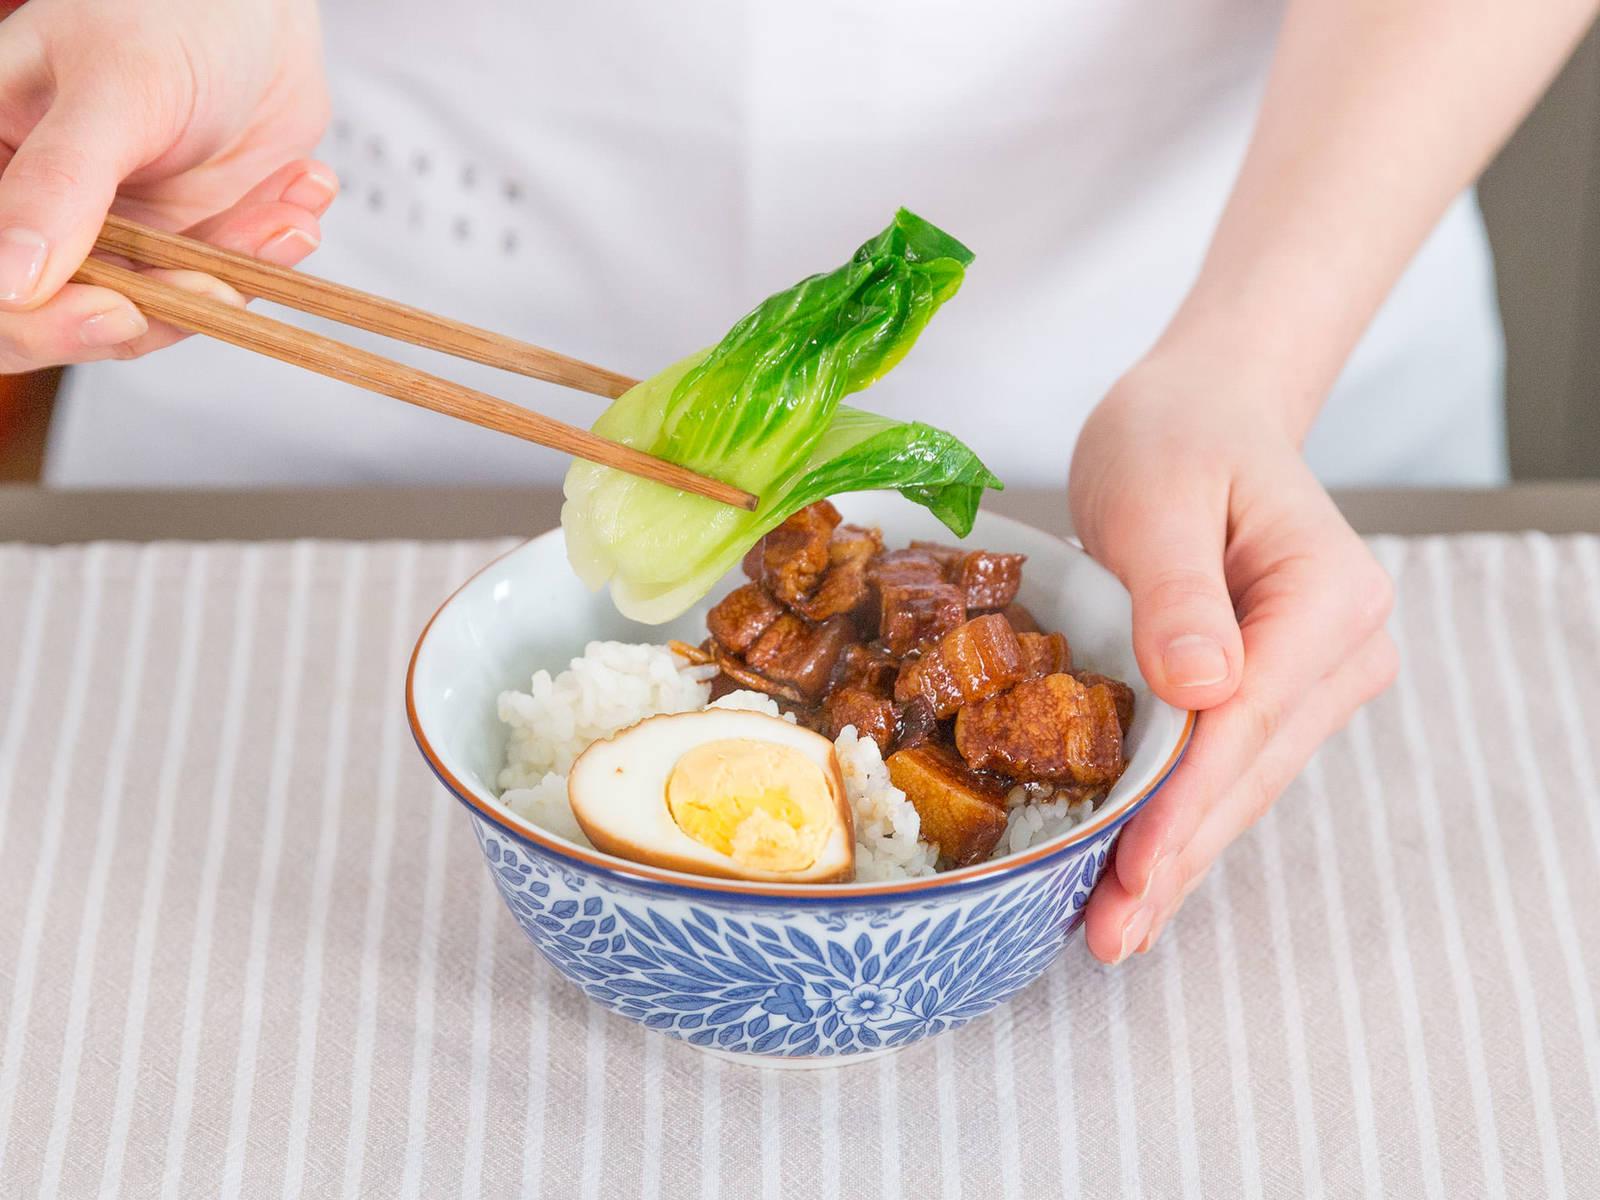 Halve egg, then arrange pork, bok choy, and egg halves in serving bowls over a bed of rice. Enjoy!